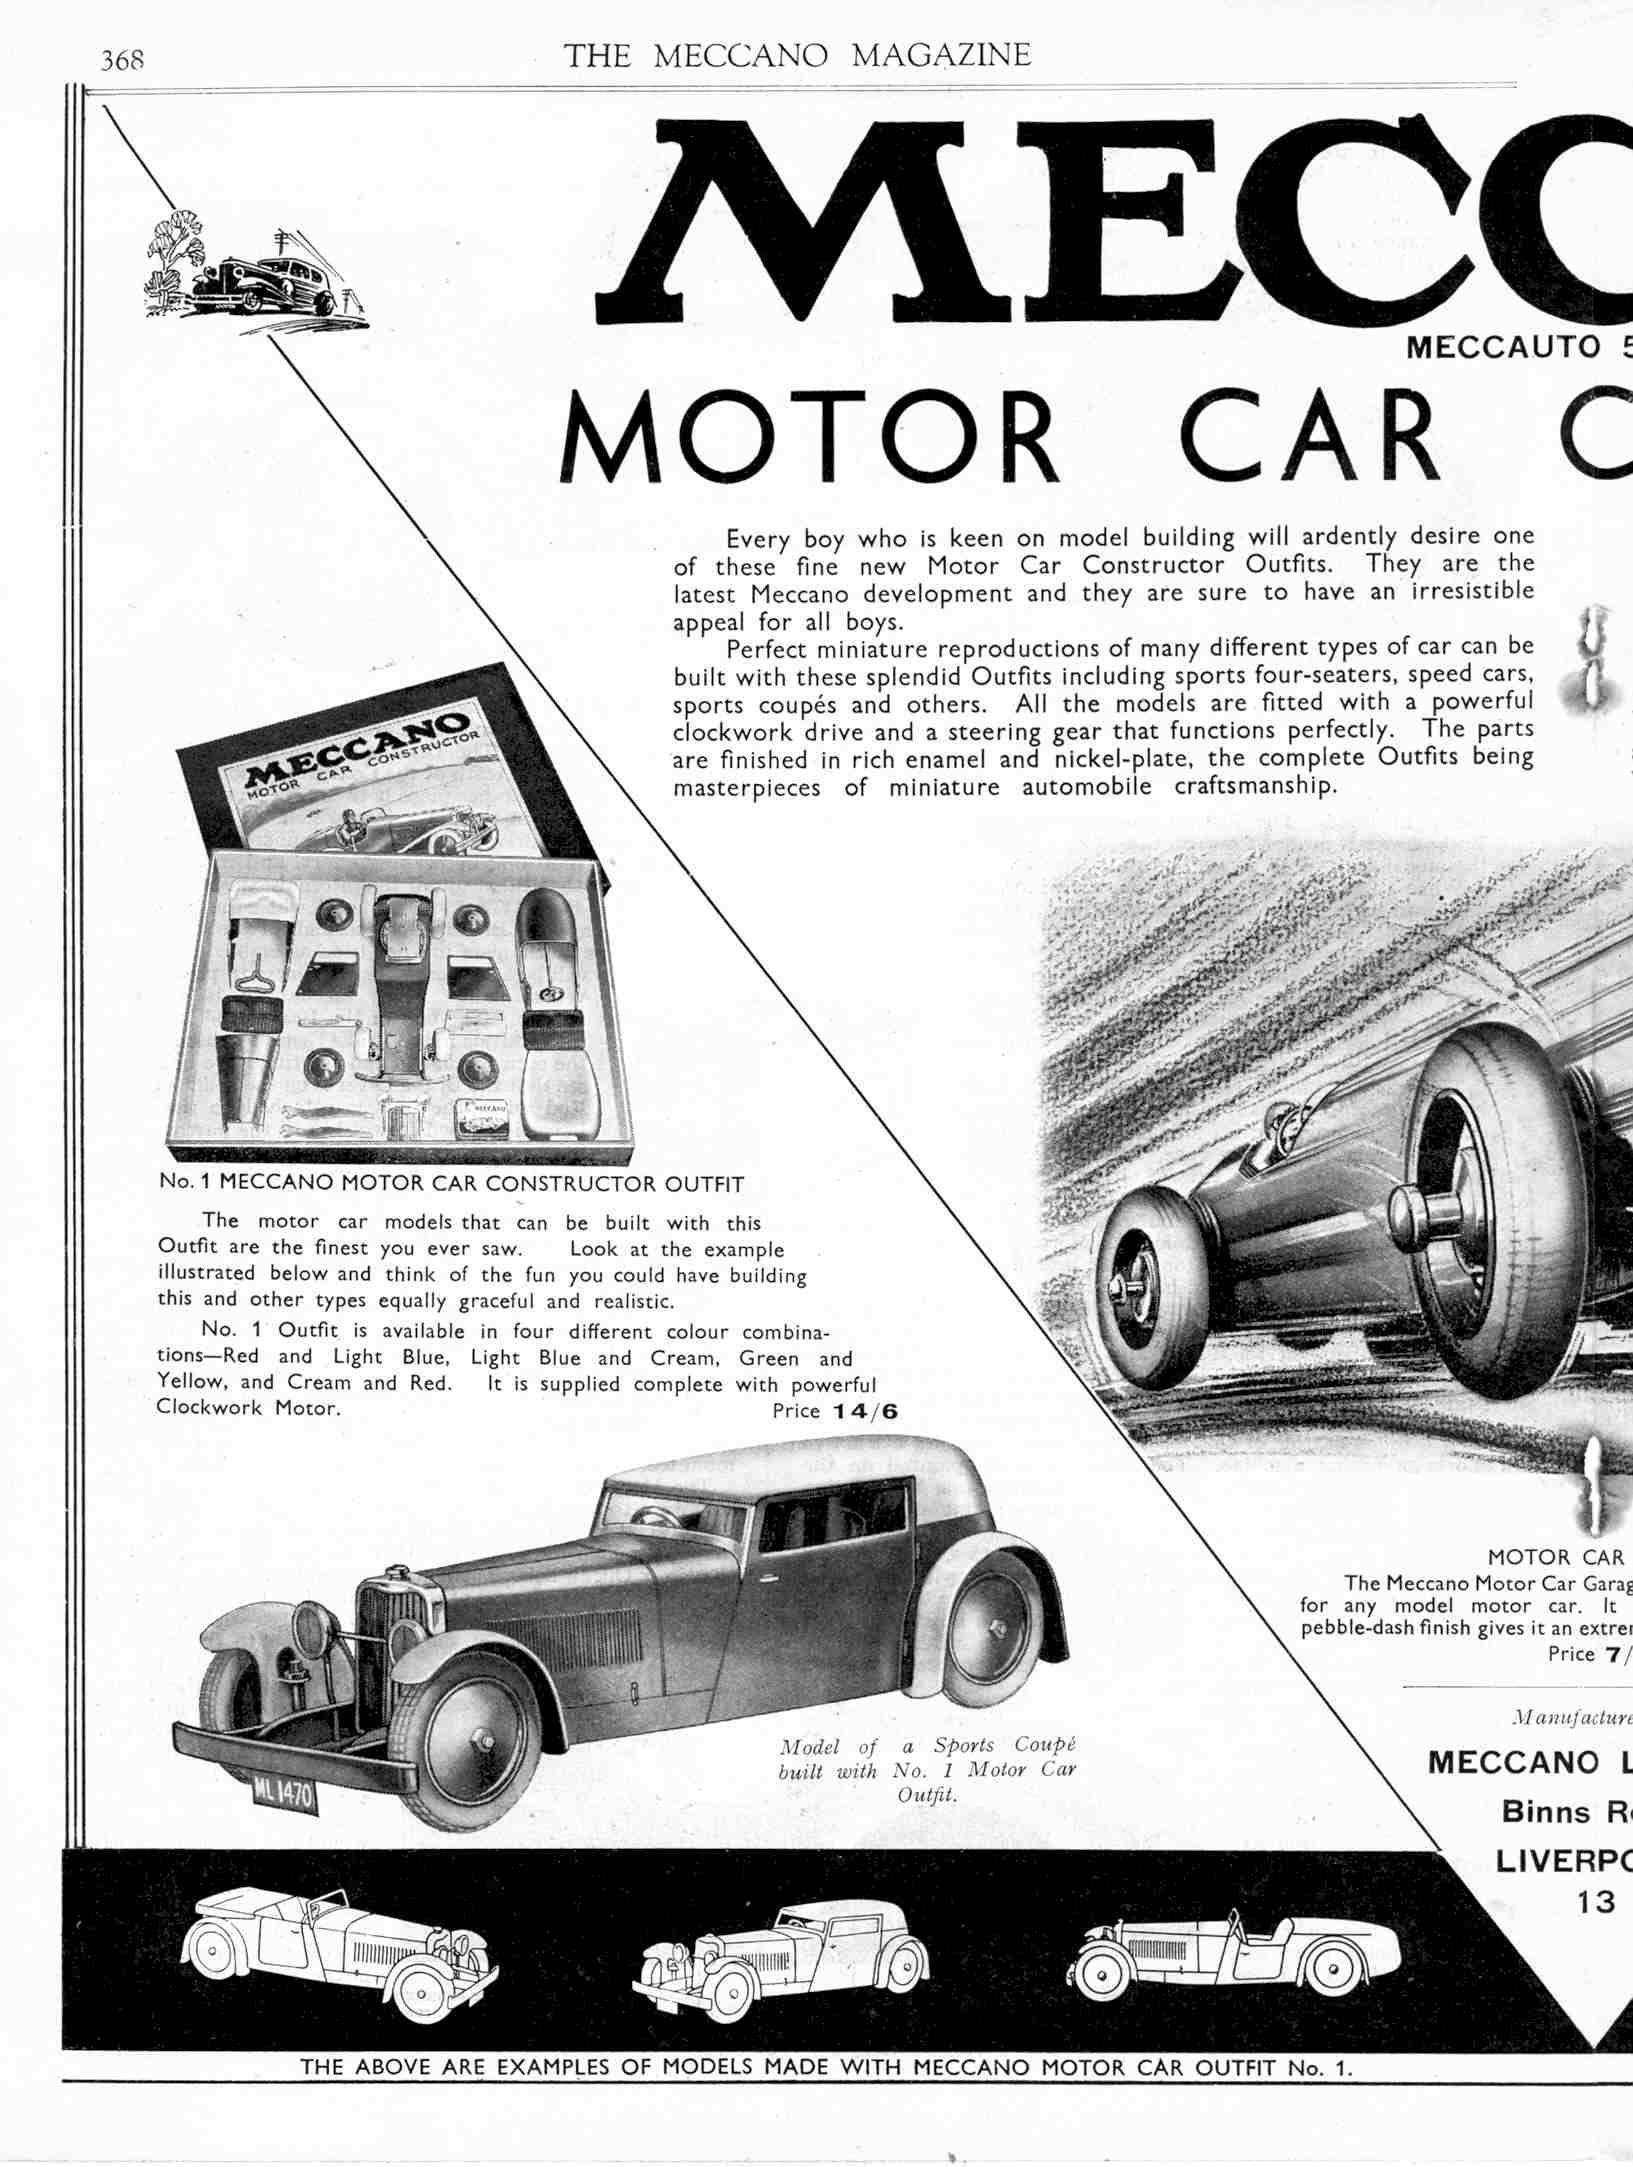 UK Meccano Magazine May 1933 Page 368